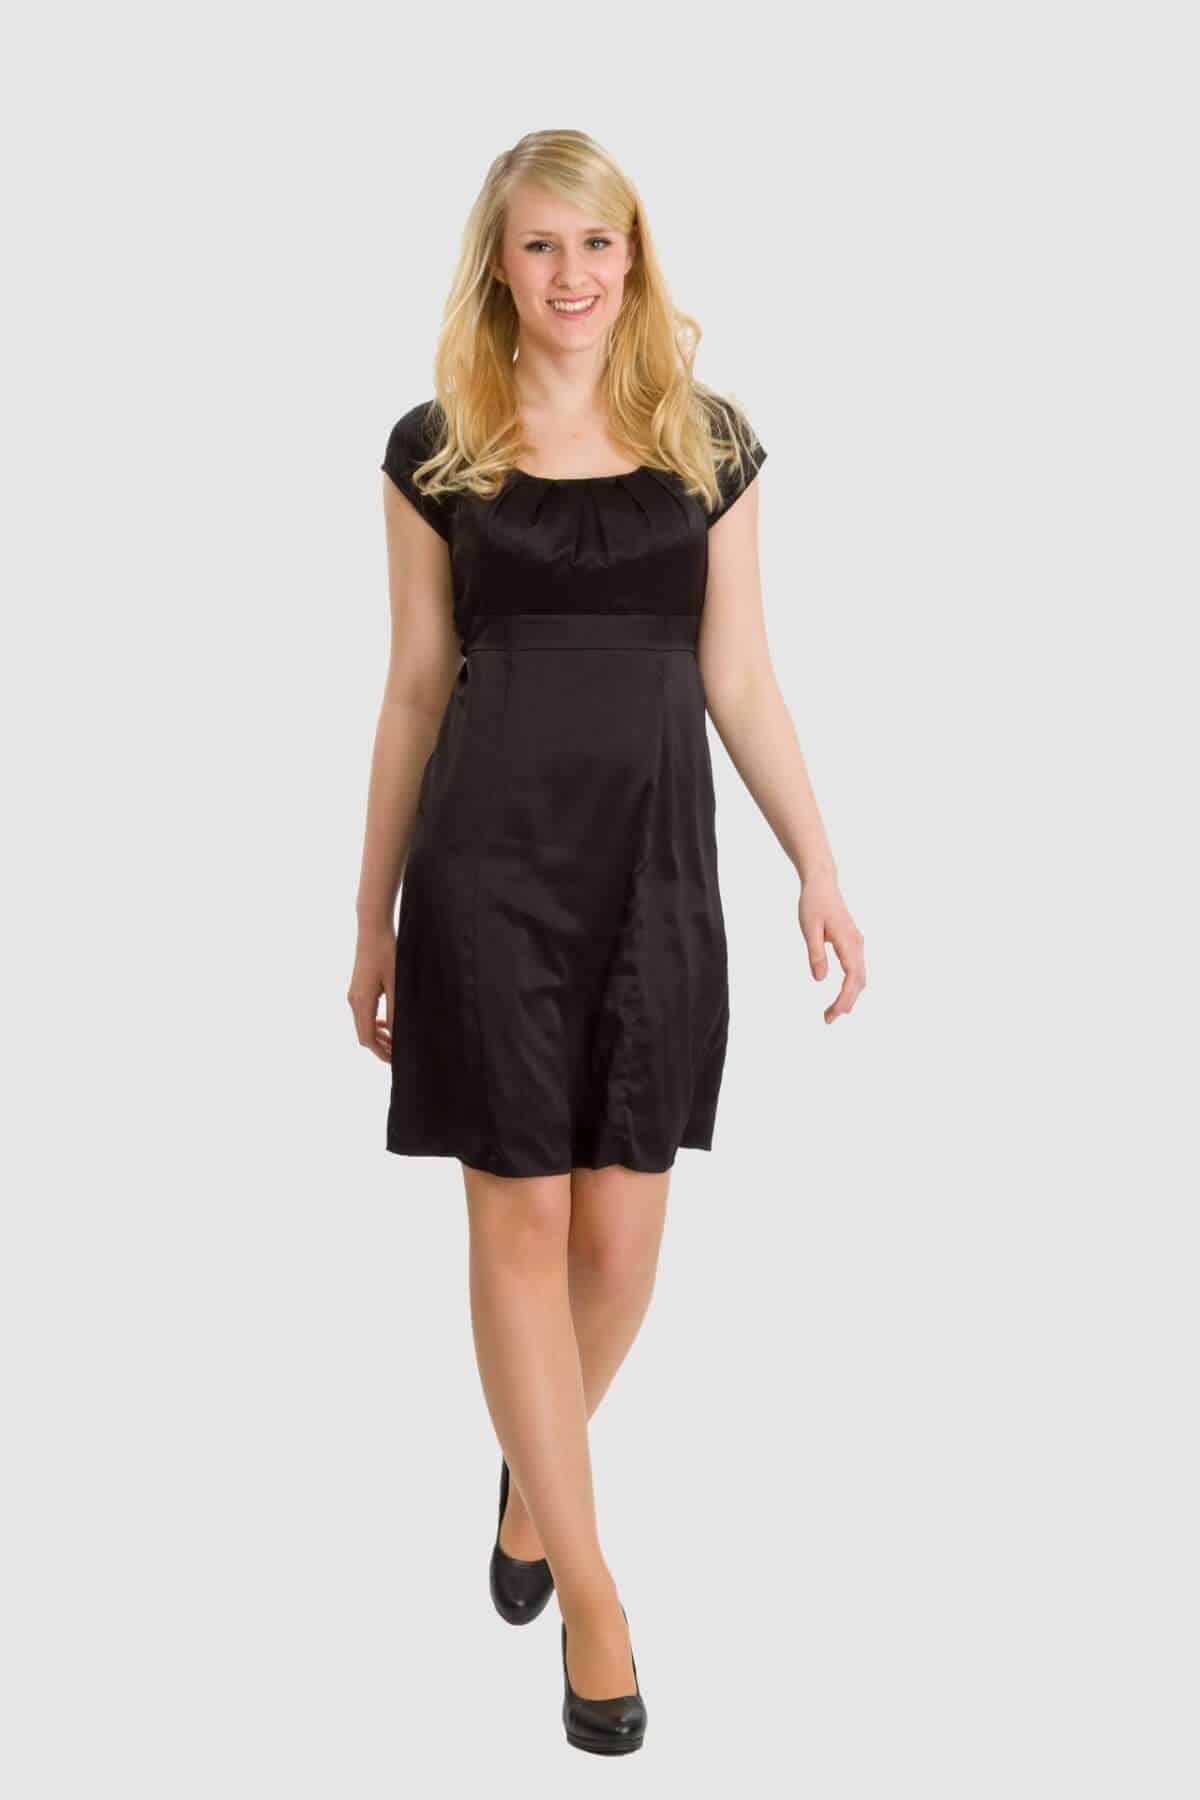 Esprit schwarzes Kleid mit kurzen Ärmeln